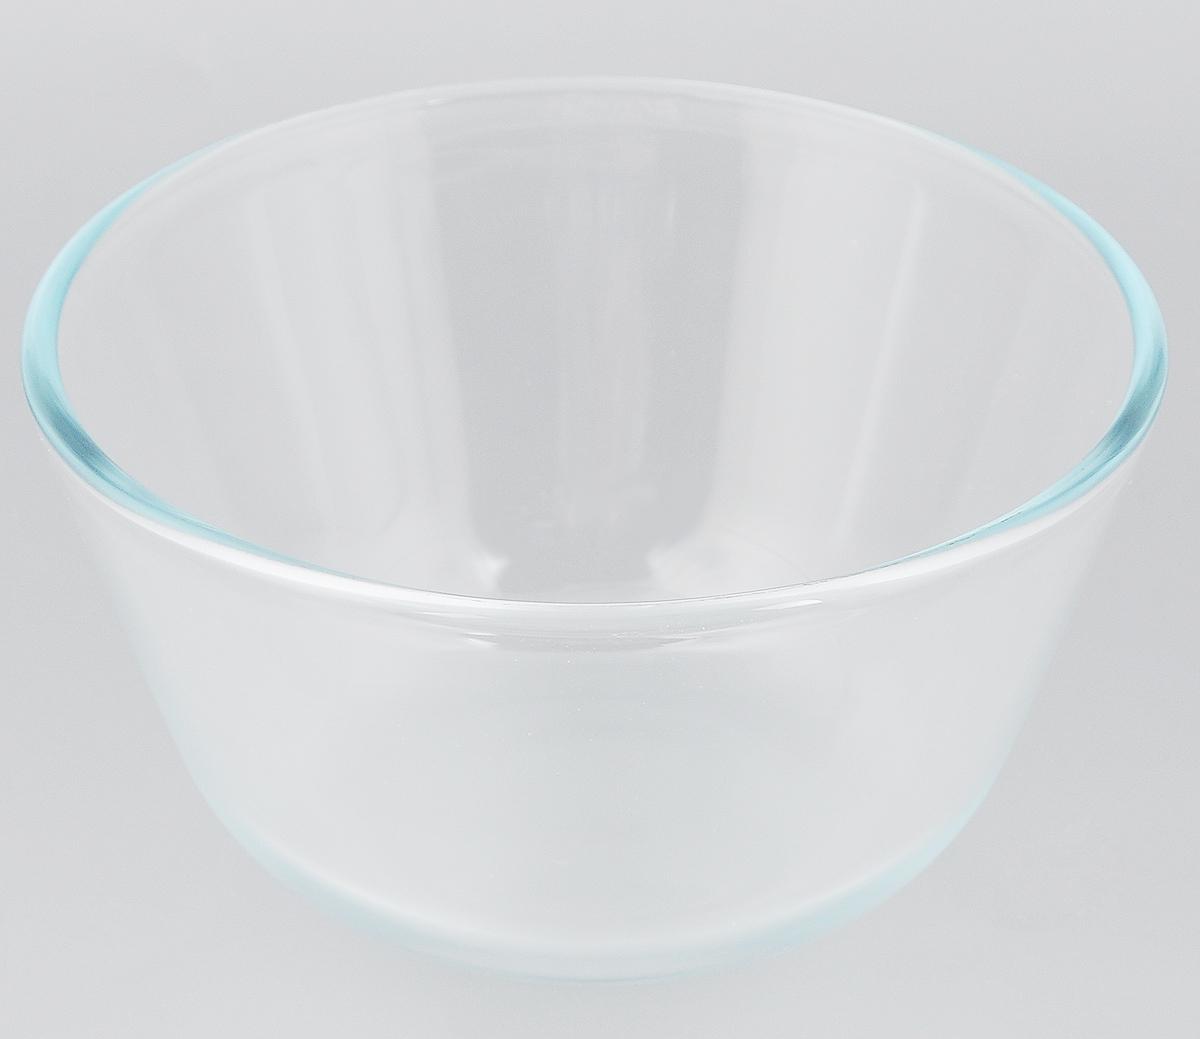 Миска Sсovo, 1,25 л597Миска Sсovo изготовлена из термостойкого и экологически чистого стекла. Предназначена для приготовления пищи в духовке, жарочном шкафу и микроволновой печи. Миска прекрасно подойдет для хранения и замораживания различных продуктов, а также для сервировки и декоративного оформления праздничного стола. Миска Sсovo станет незаменимым аксессуаром на кухне для любой хозяйки. Можно мыть в посудомоечной машине. Высота стенки: 9,5 см. Диаметр миски (по верхнему краю): 17 см.